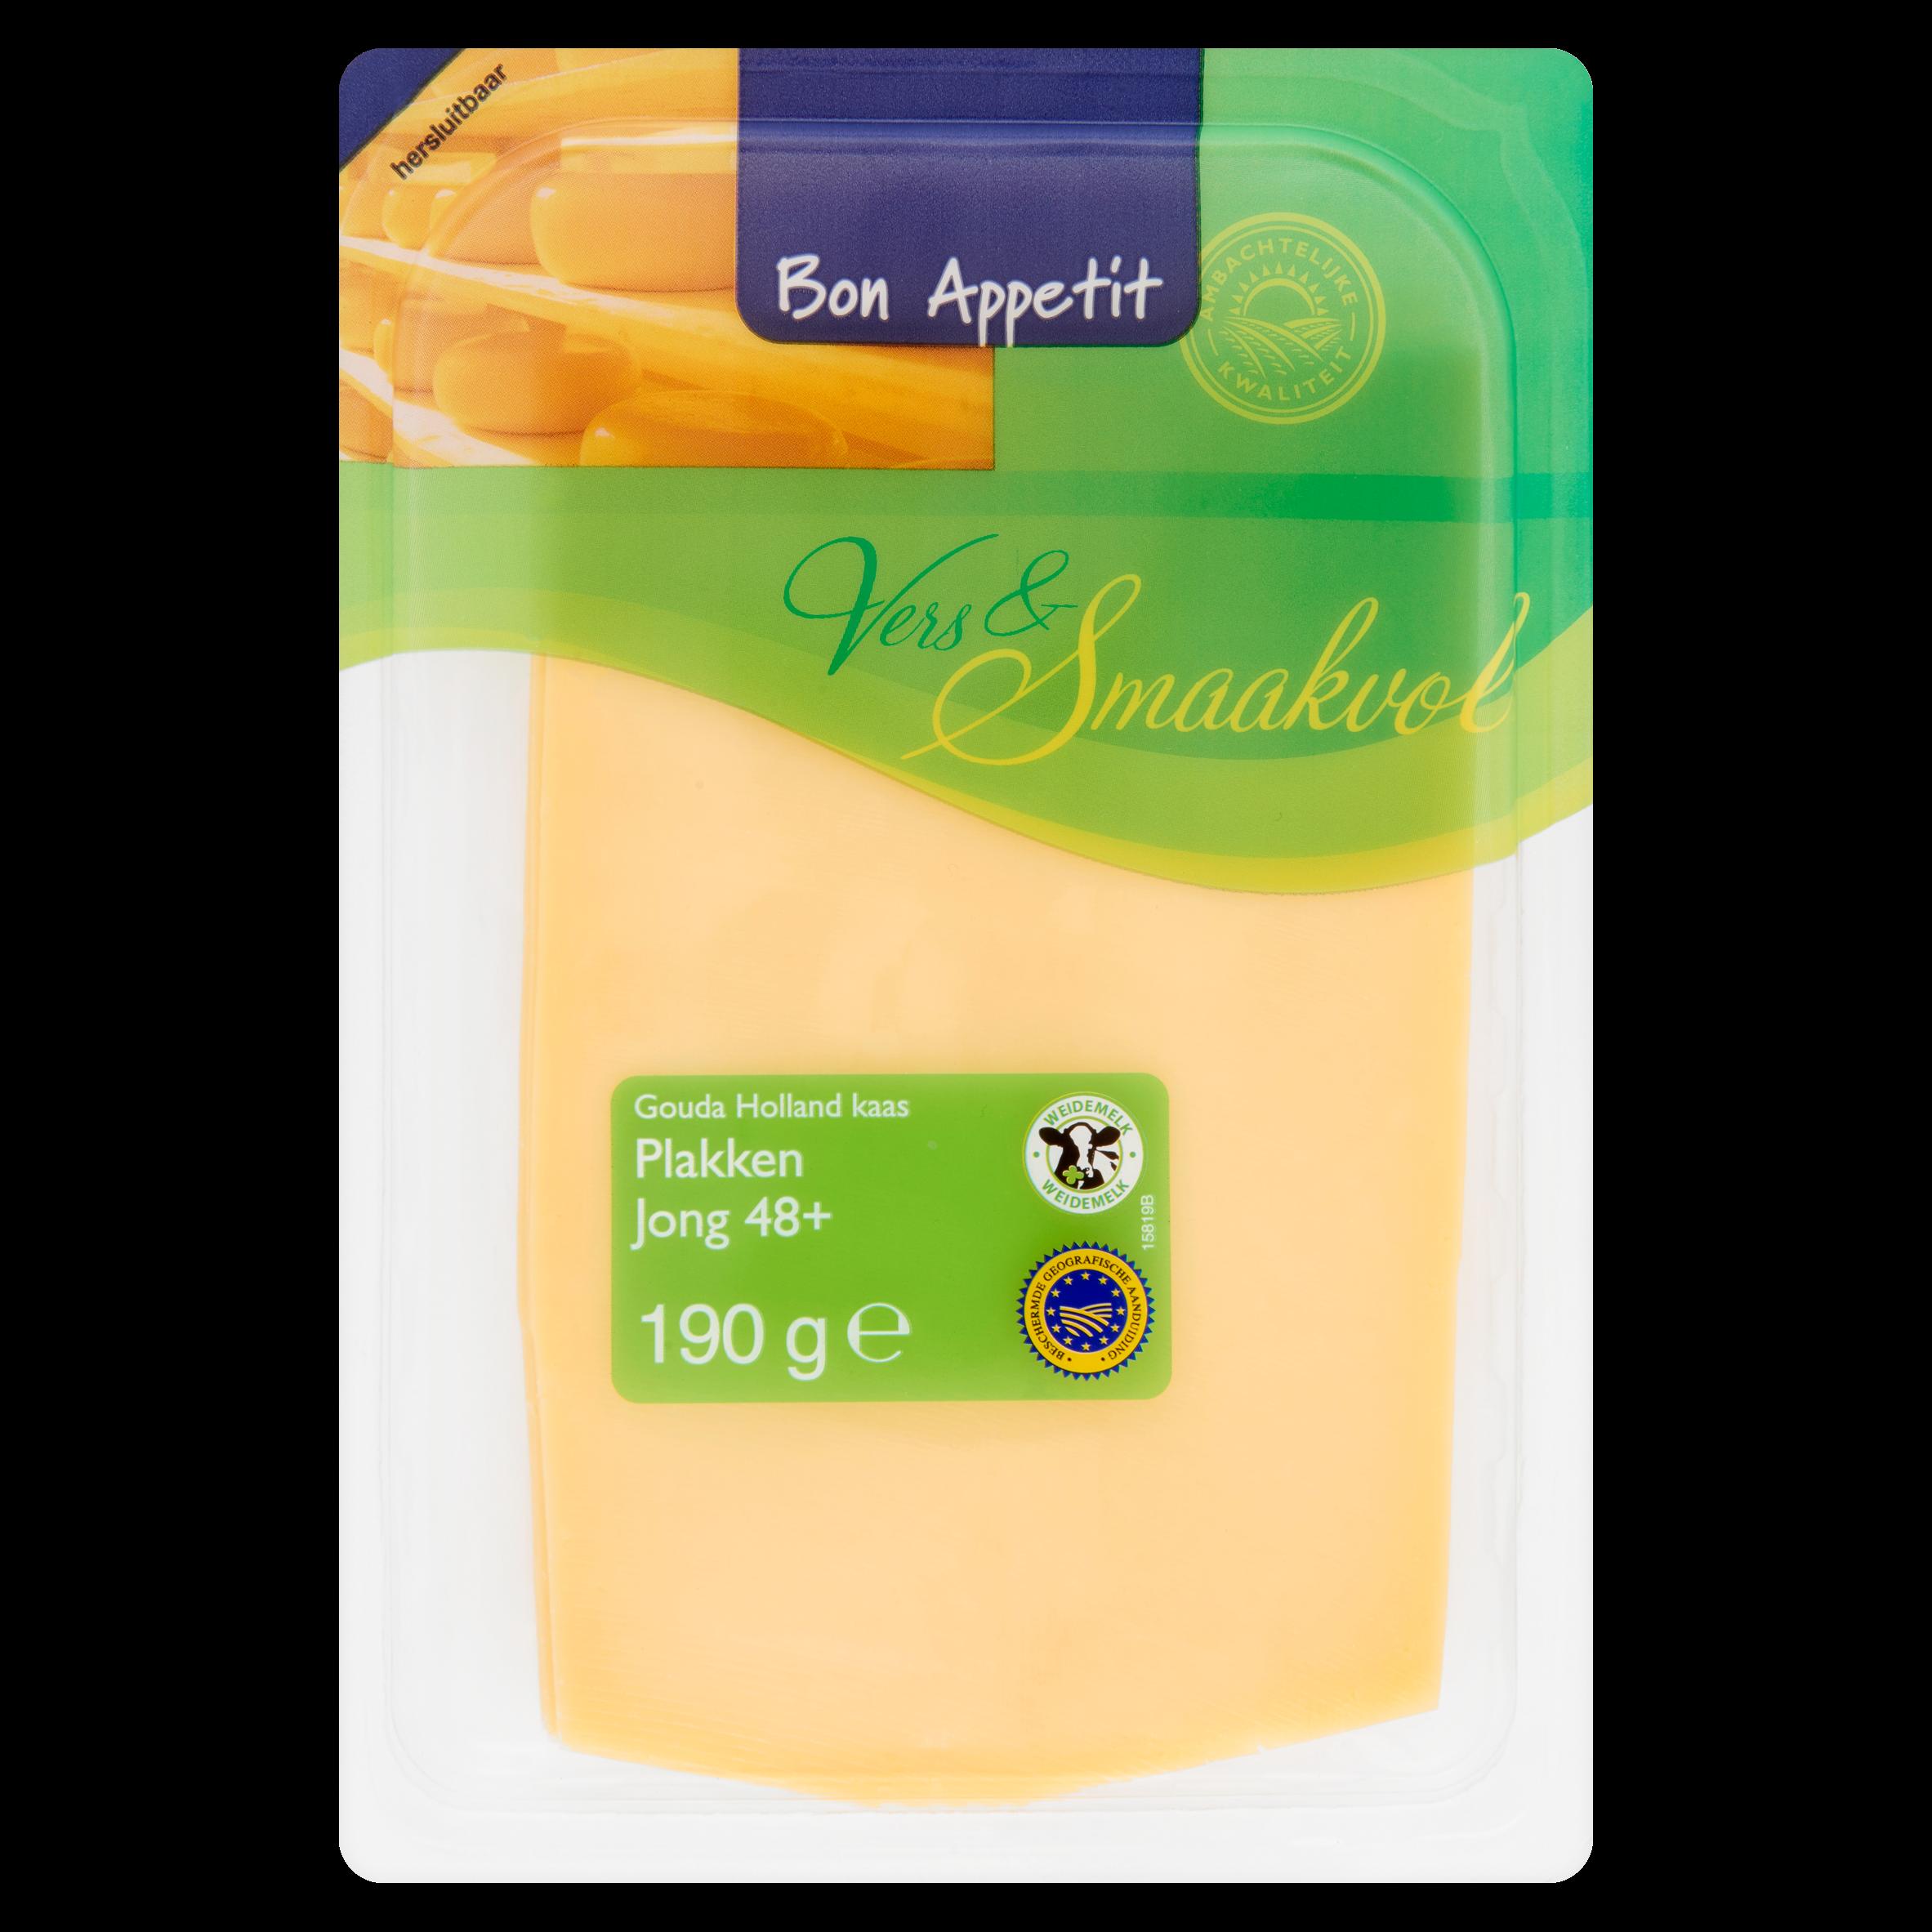 Bon Appetit Gouda Holland Kaas Jong 48+ Plakken 190 g